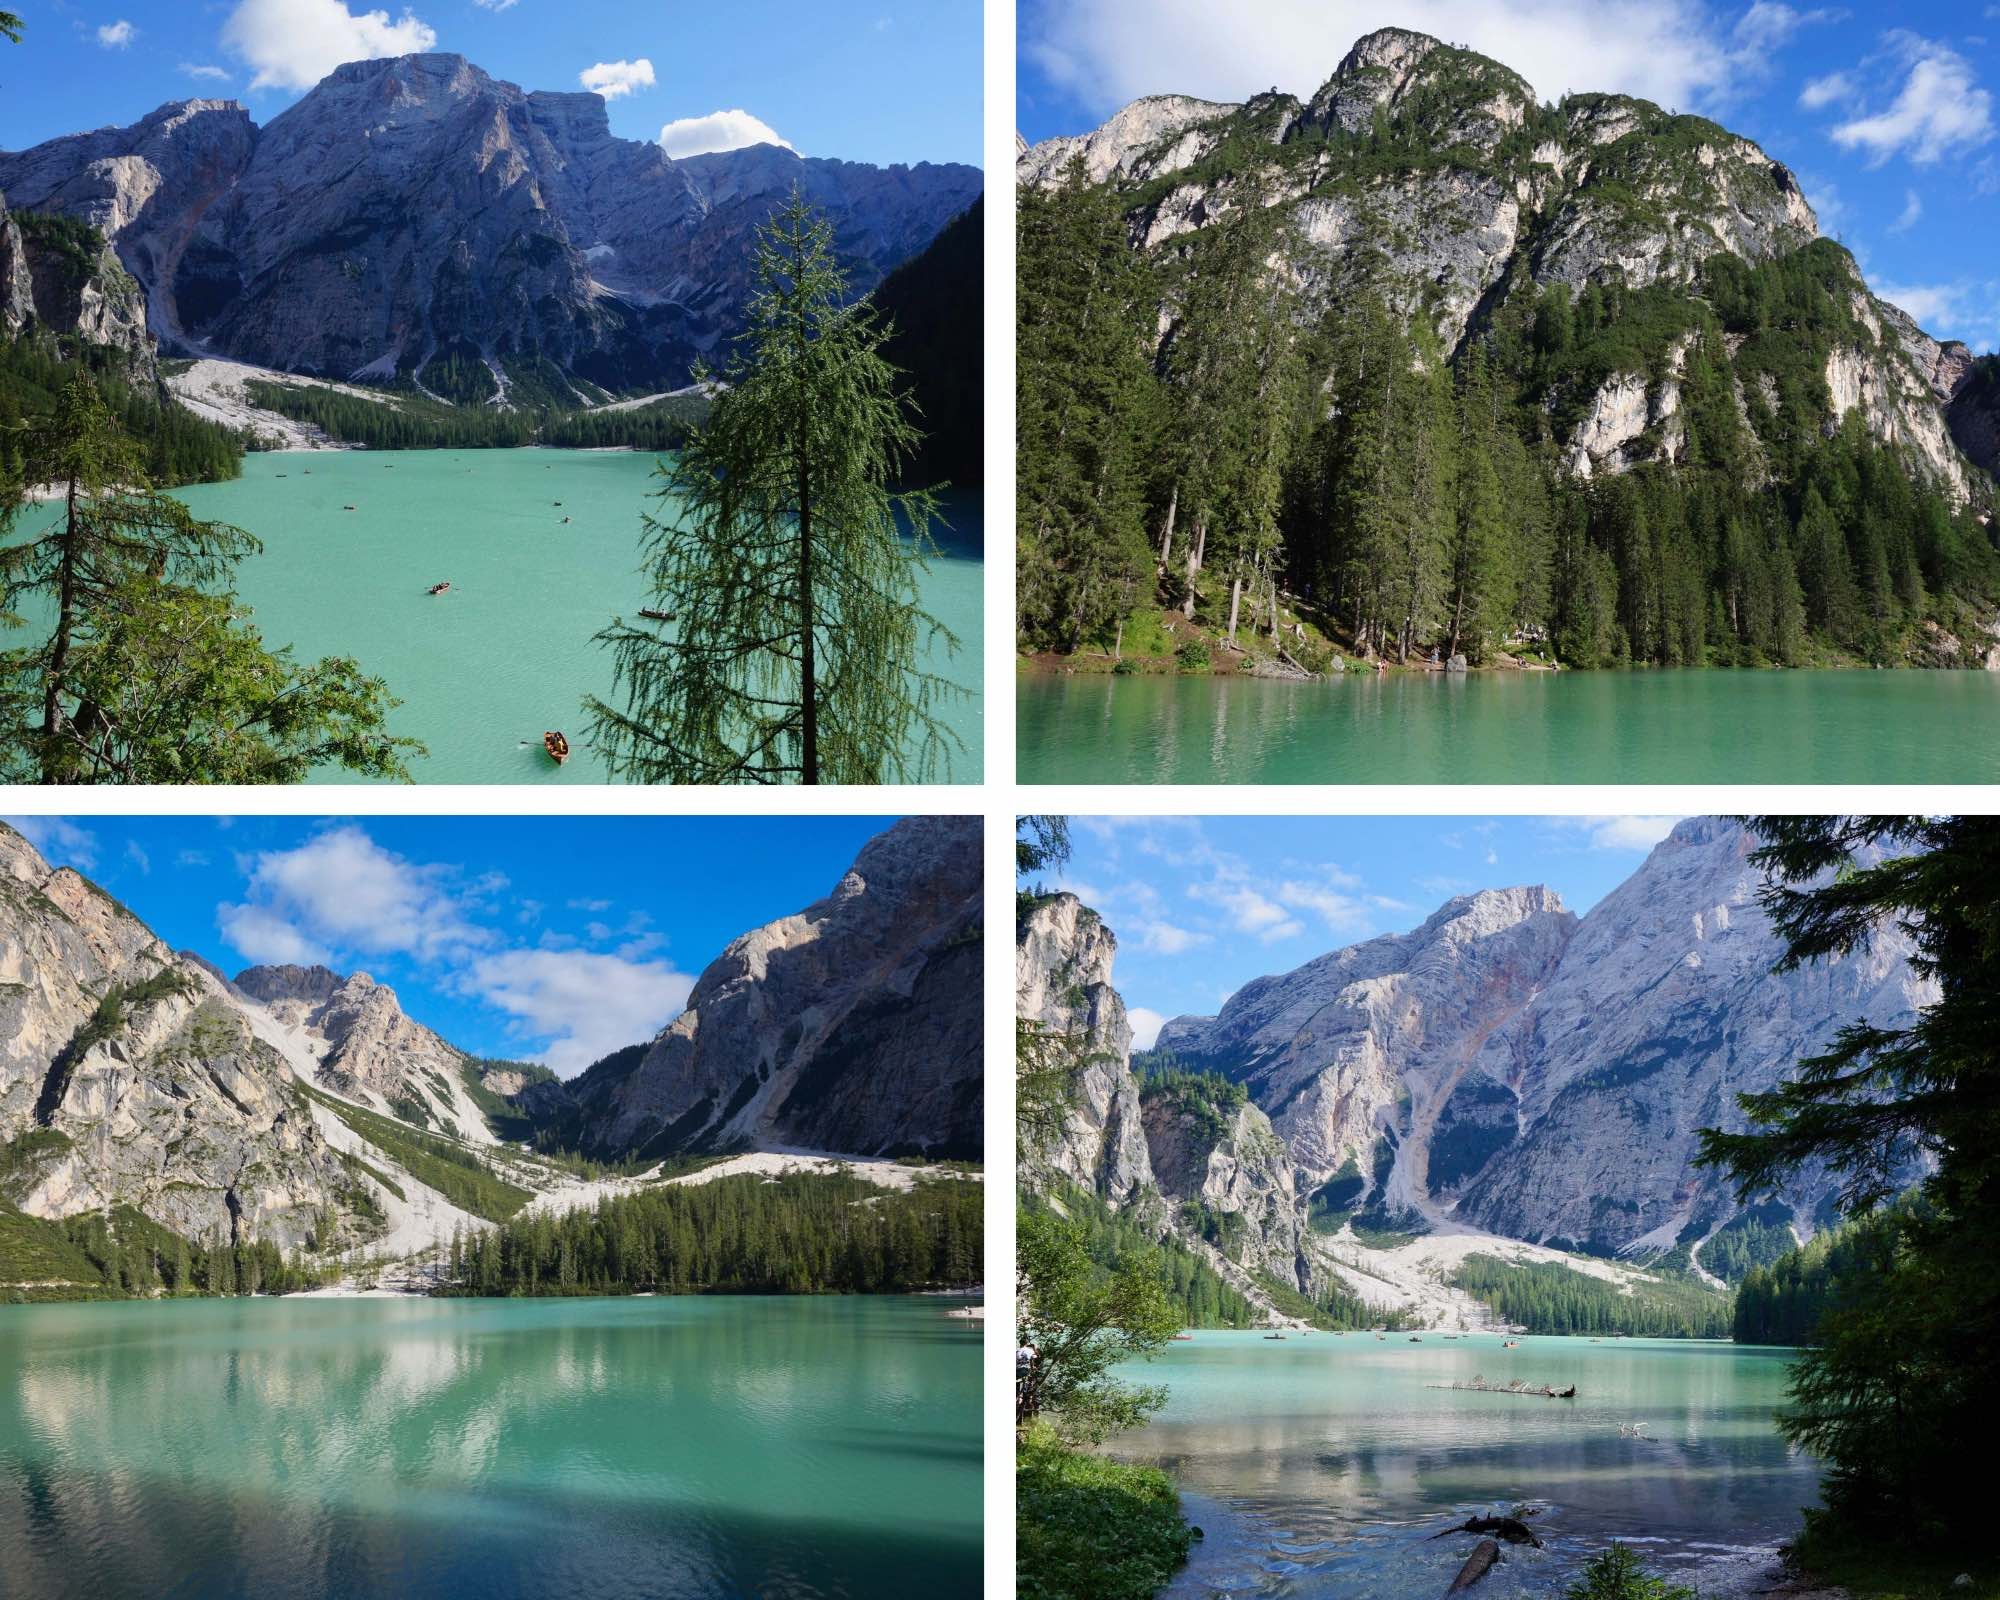 lago di braies, italie, dolomites